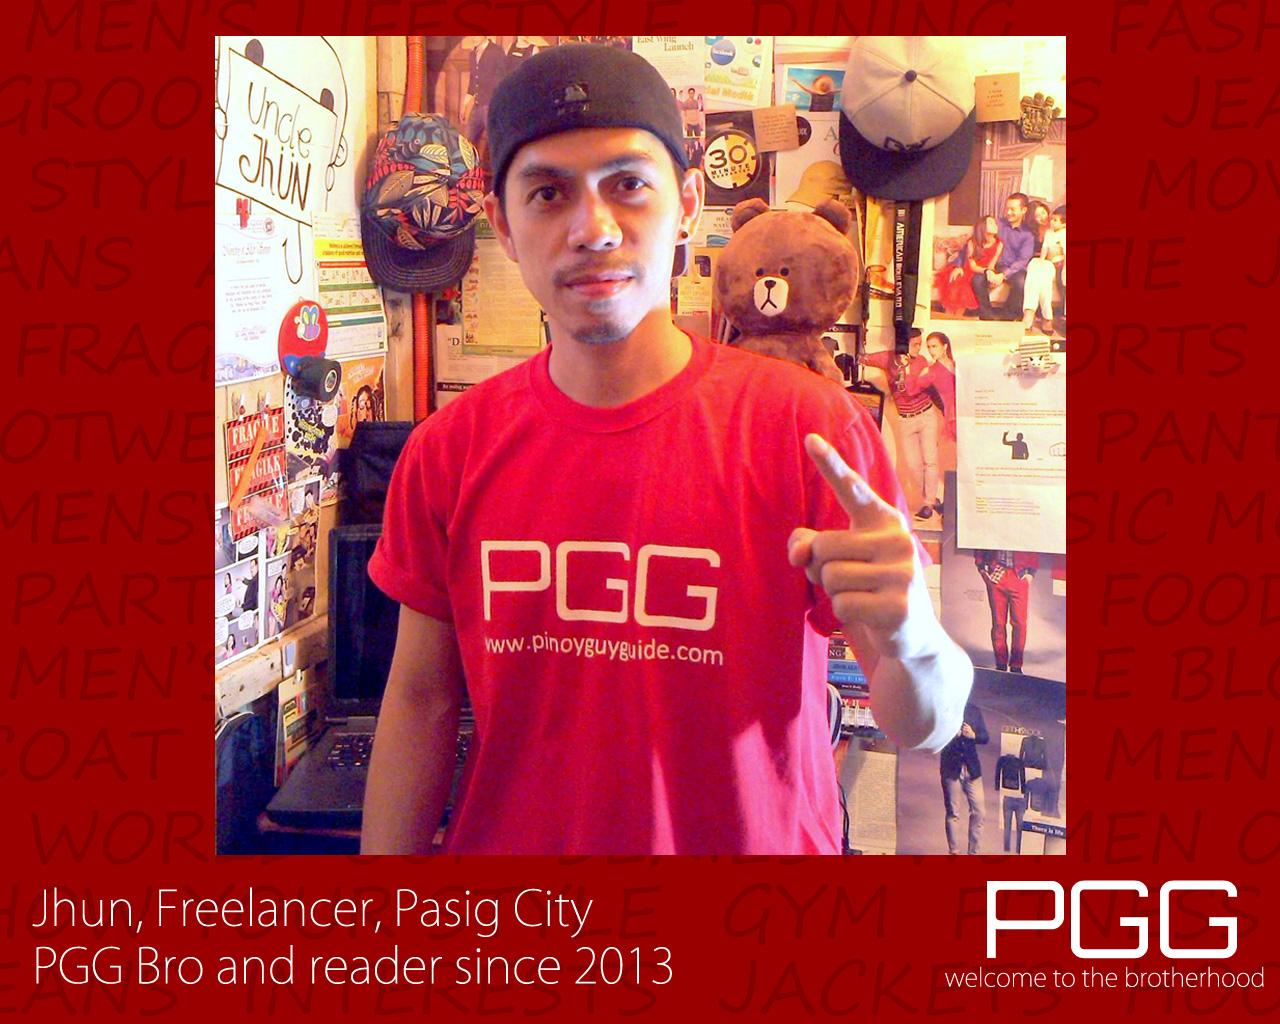 PGG Project Brotherhood - Jhun